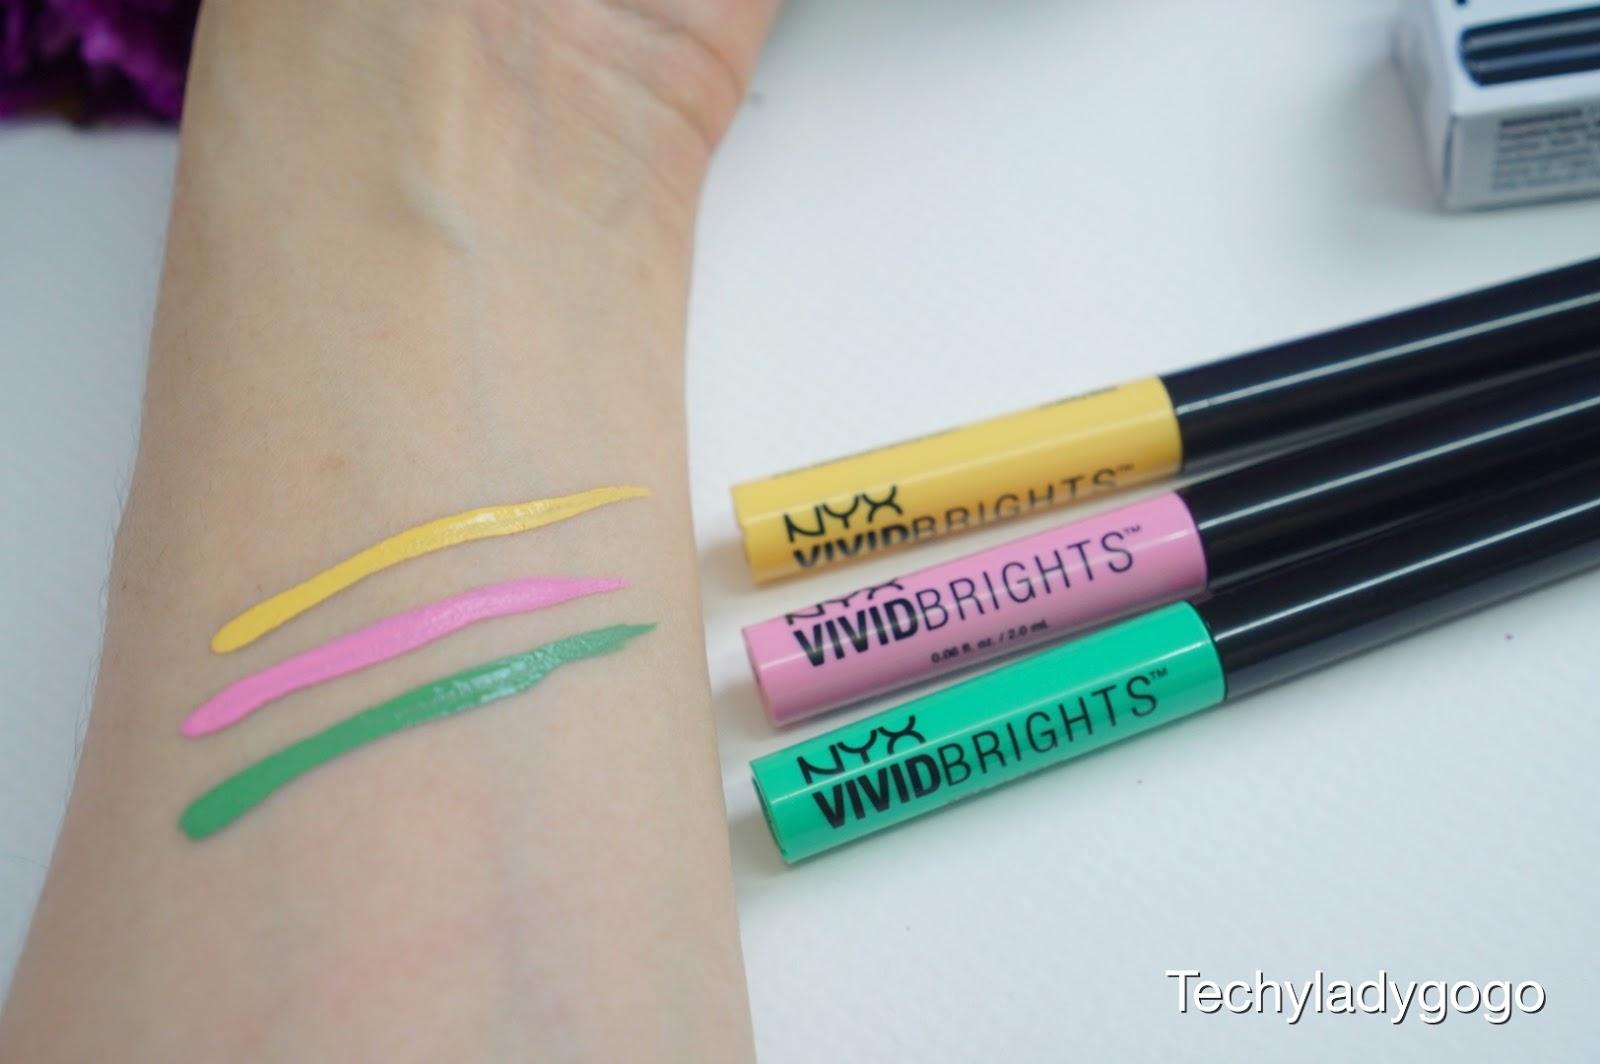 Vivid Brights Eyeliner by NYX Professional Makeup #18